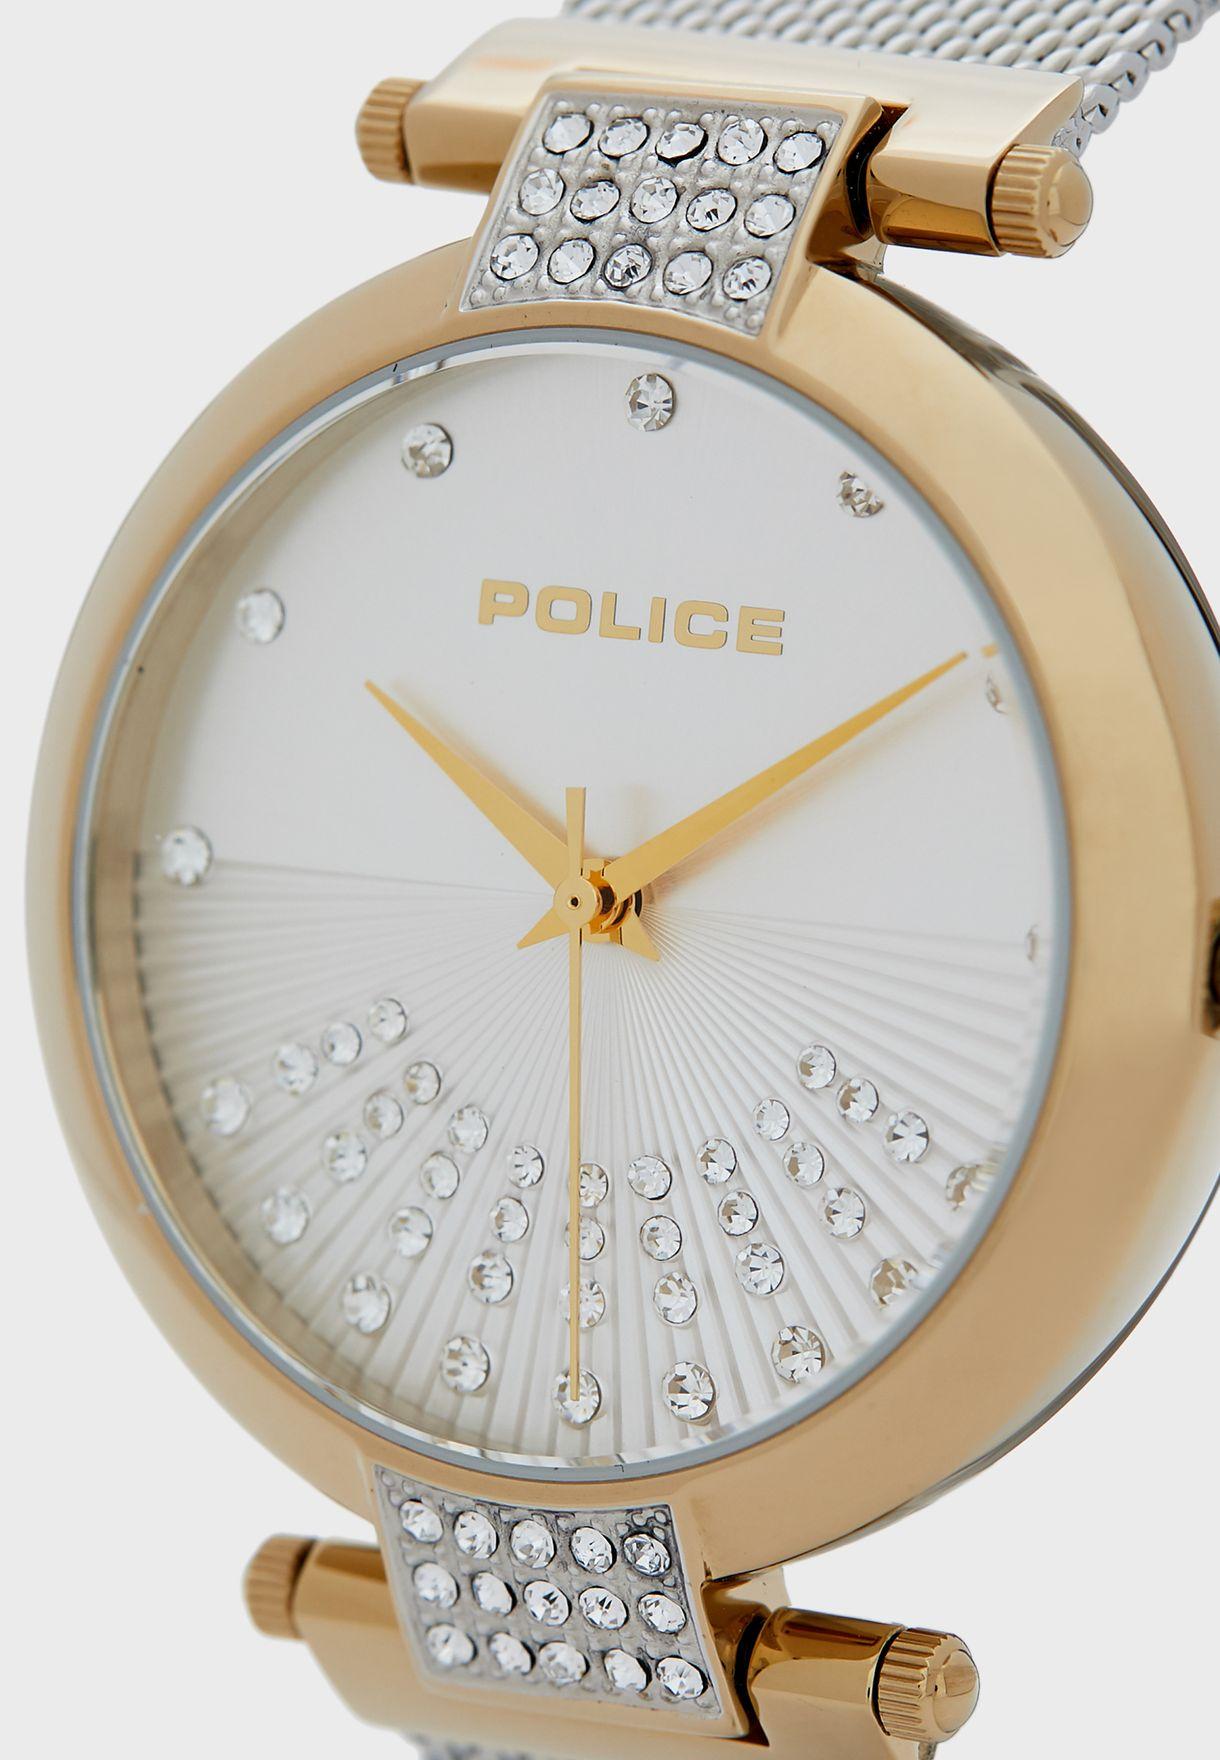 ساعة بحركة عقارب ثلاثية